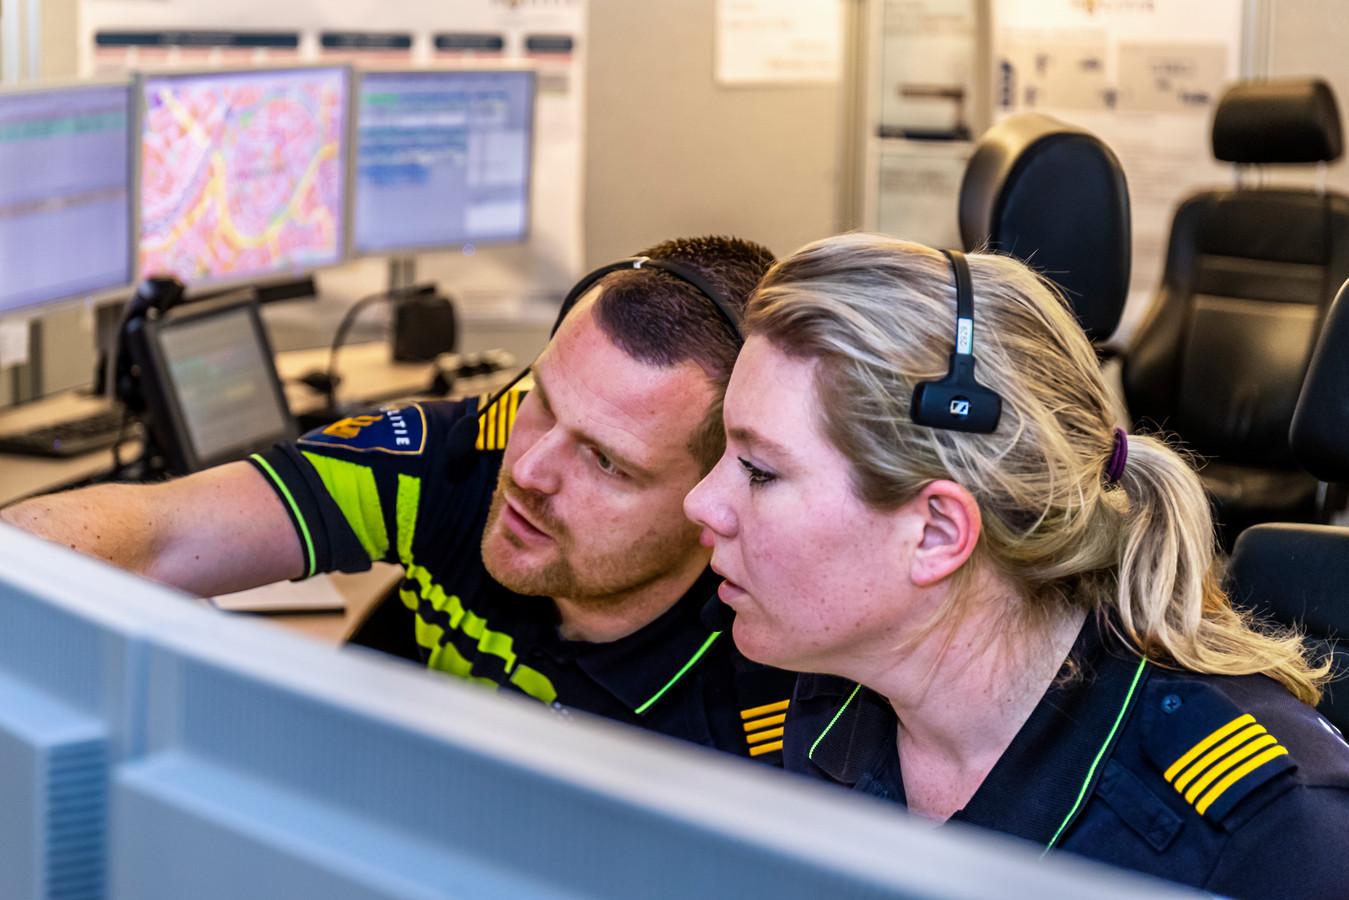 De regionale servicecentra van de politie schakelen naar elkaar door, waardoor bellers korter in de wacht staan. Foto ter illustratie.